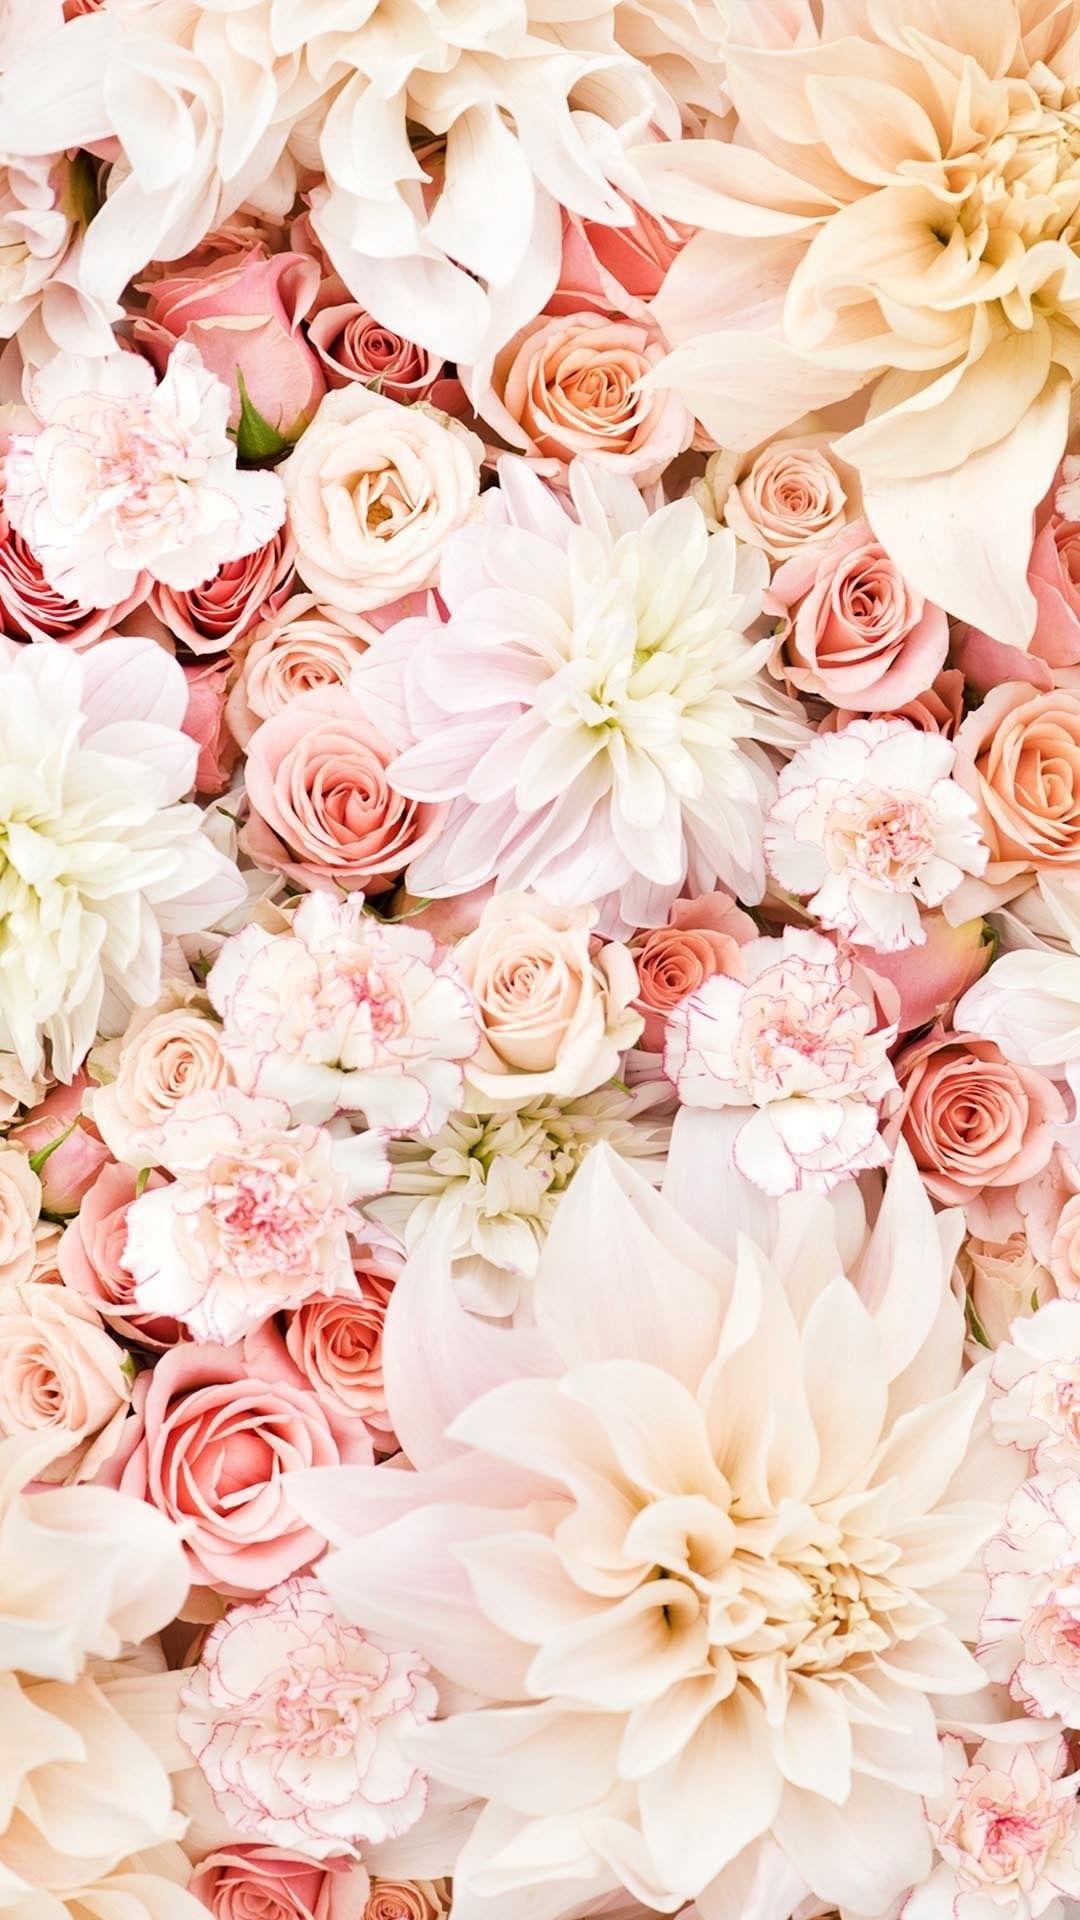 1080x1920 Hintergrundbilder Handy Bilder Englische Rosen Hochzeit